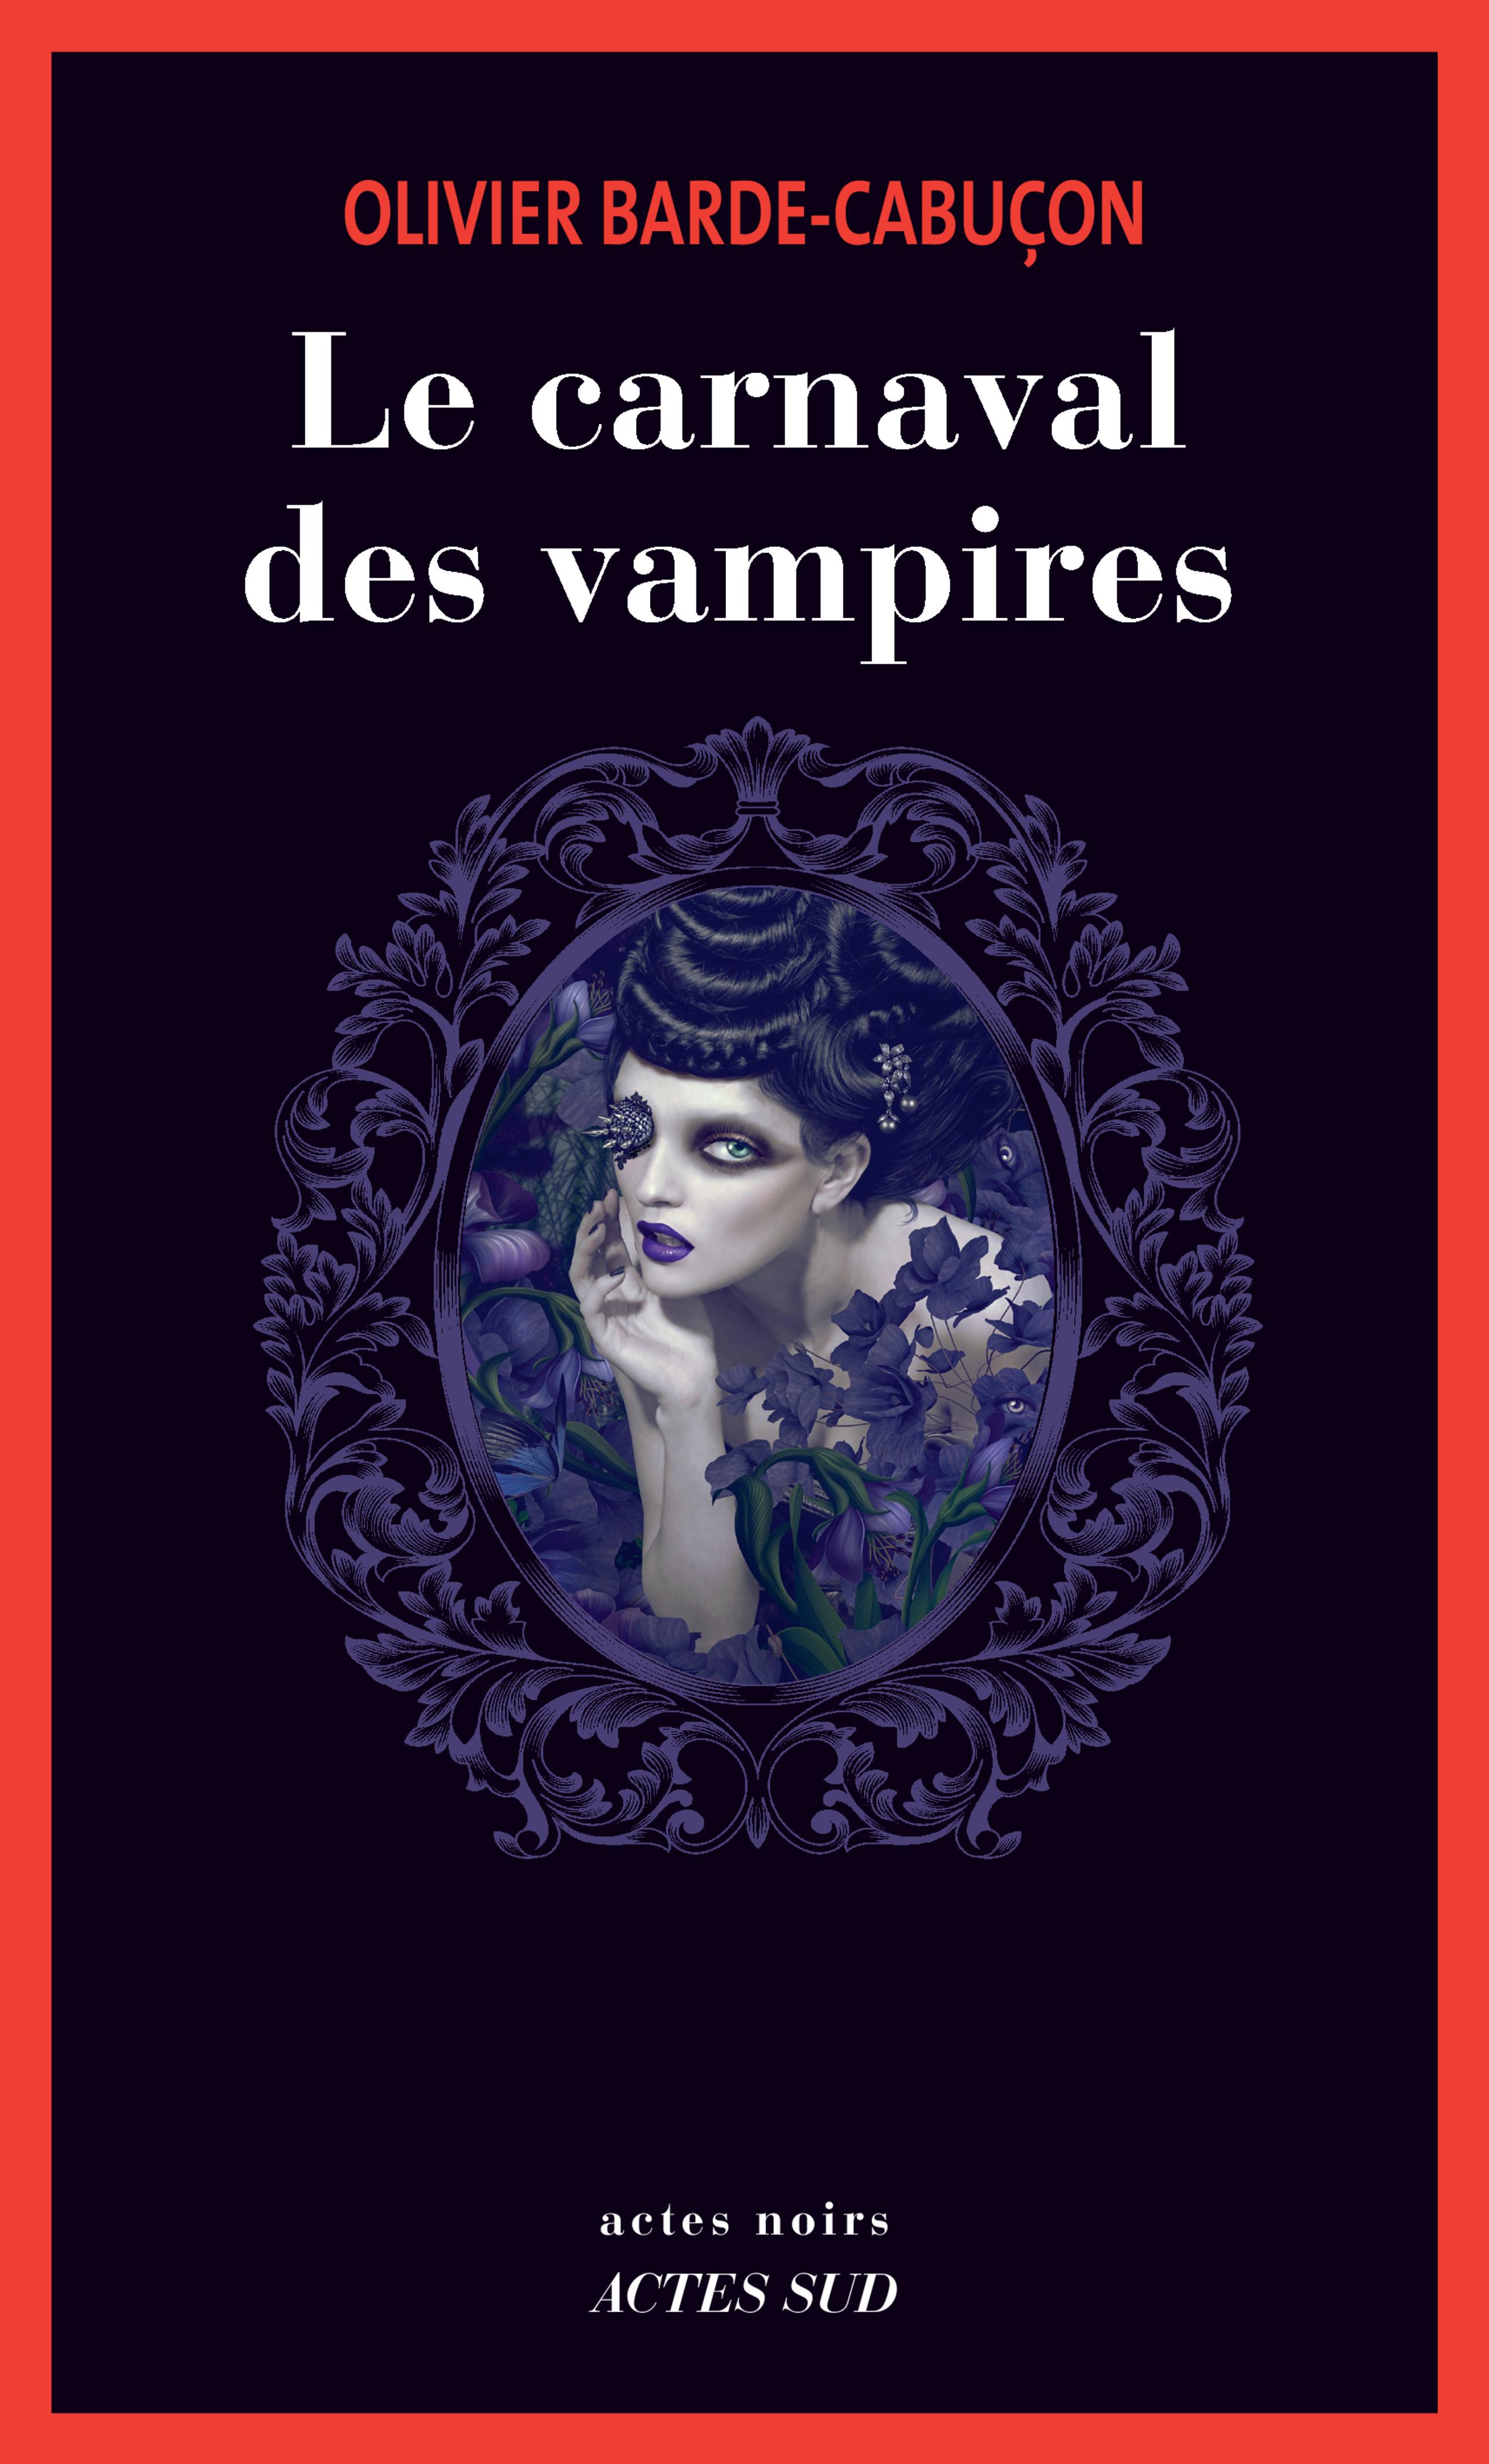 Le carnaval des vampires | Barde-Cabuçon, Olivier